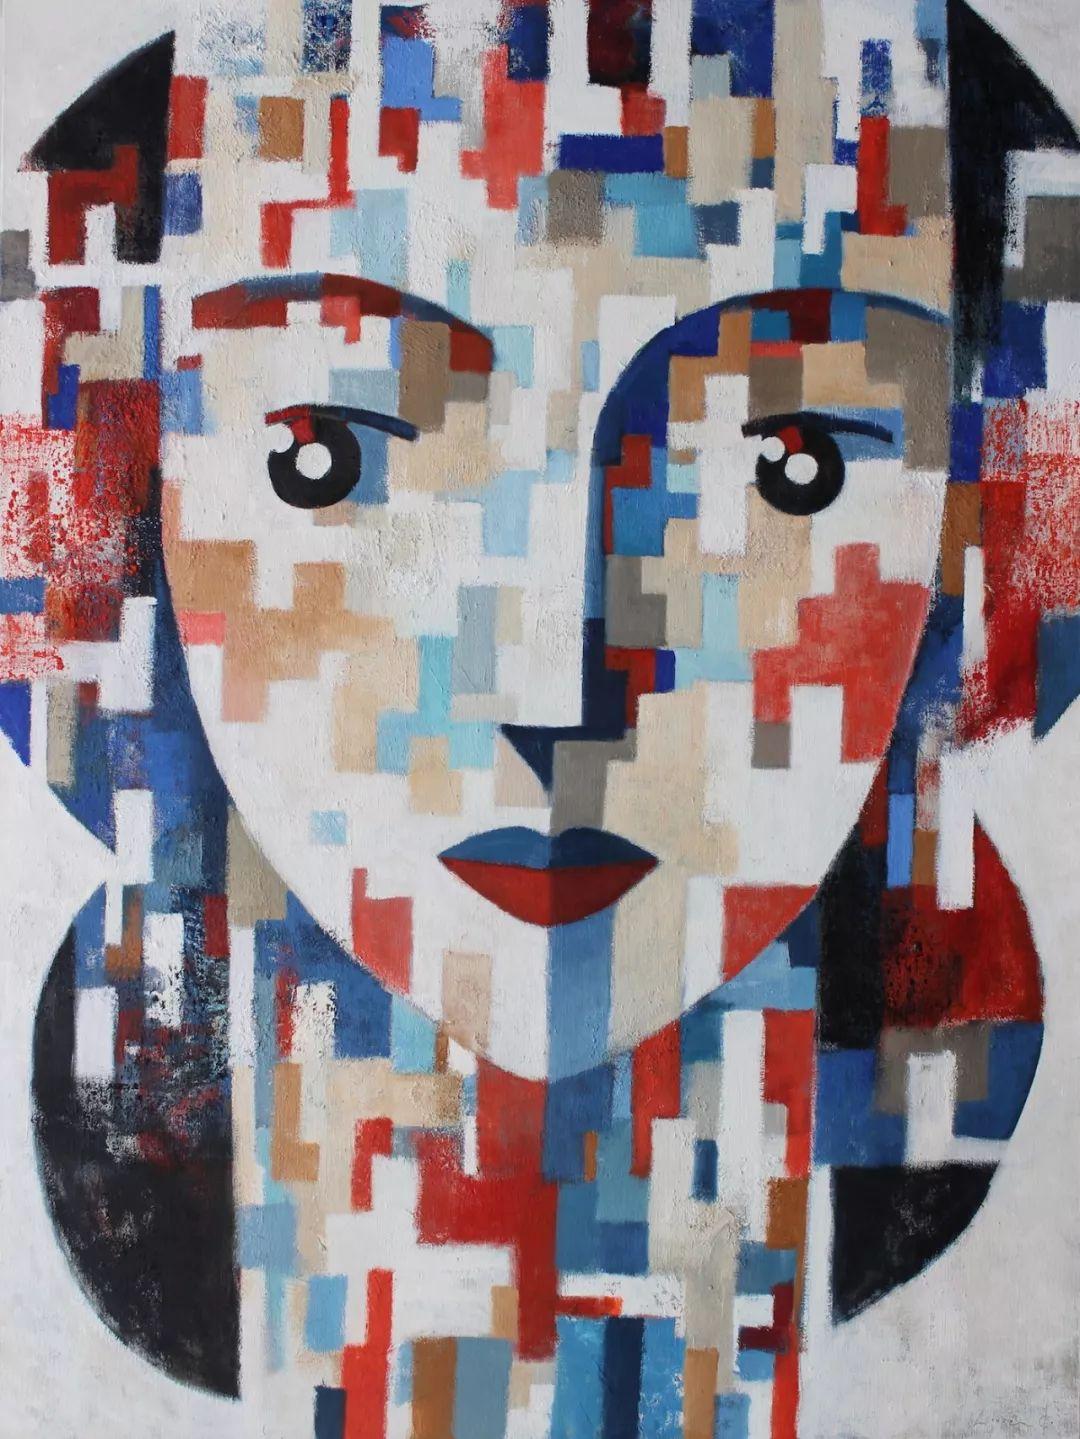 情感的表达,西班牙画家Didier Lourenço插图28